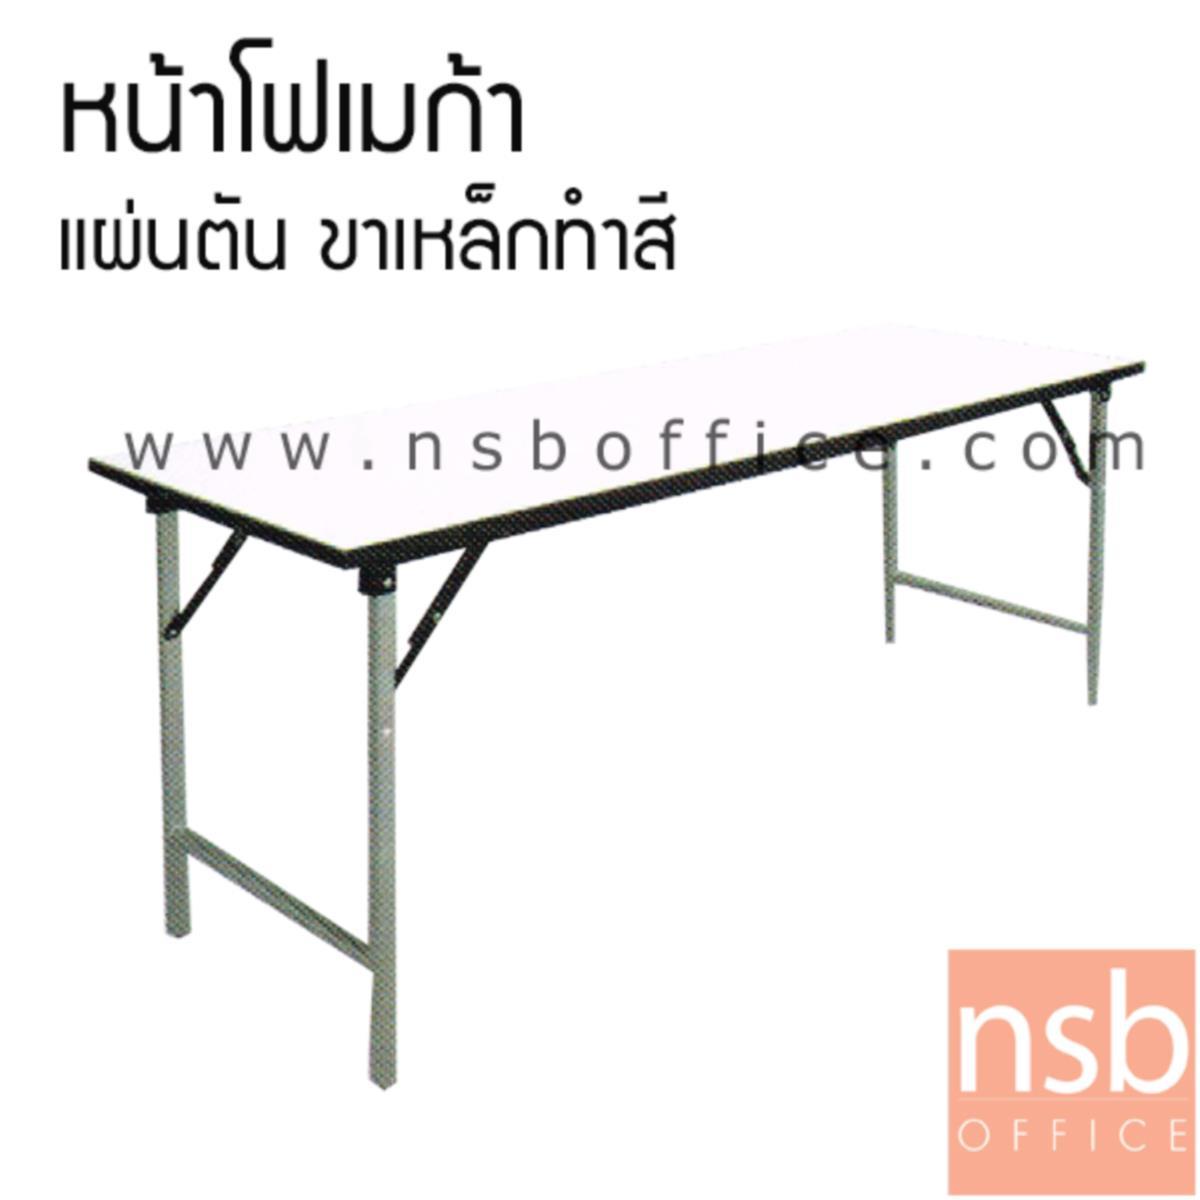 A07A055:โต๊ะพับหน้าเมลามีนสีขาว 25 มม. รุ่น Elfa (เอลฟ่า)  เสริมคาน ขาเหล็กพ่นสีพ็อกซี่